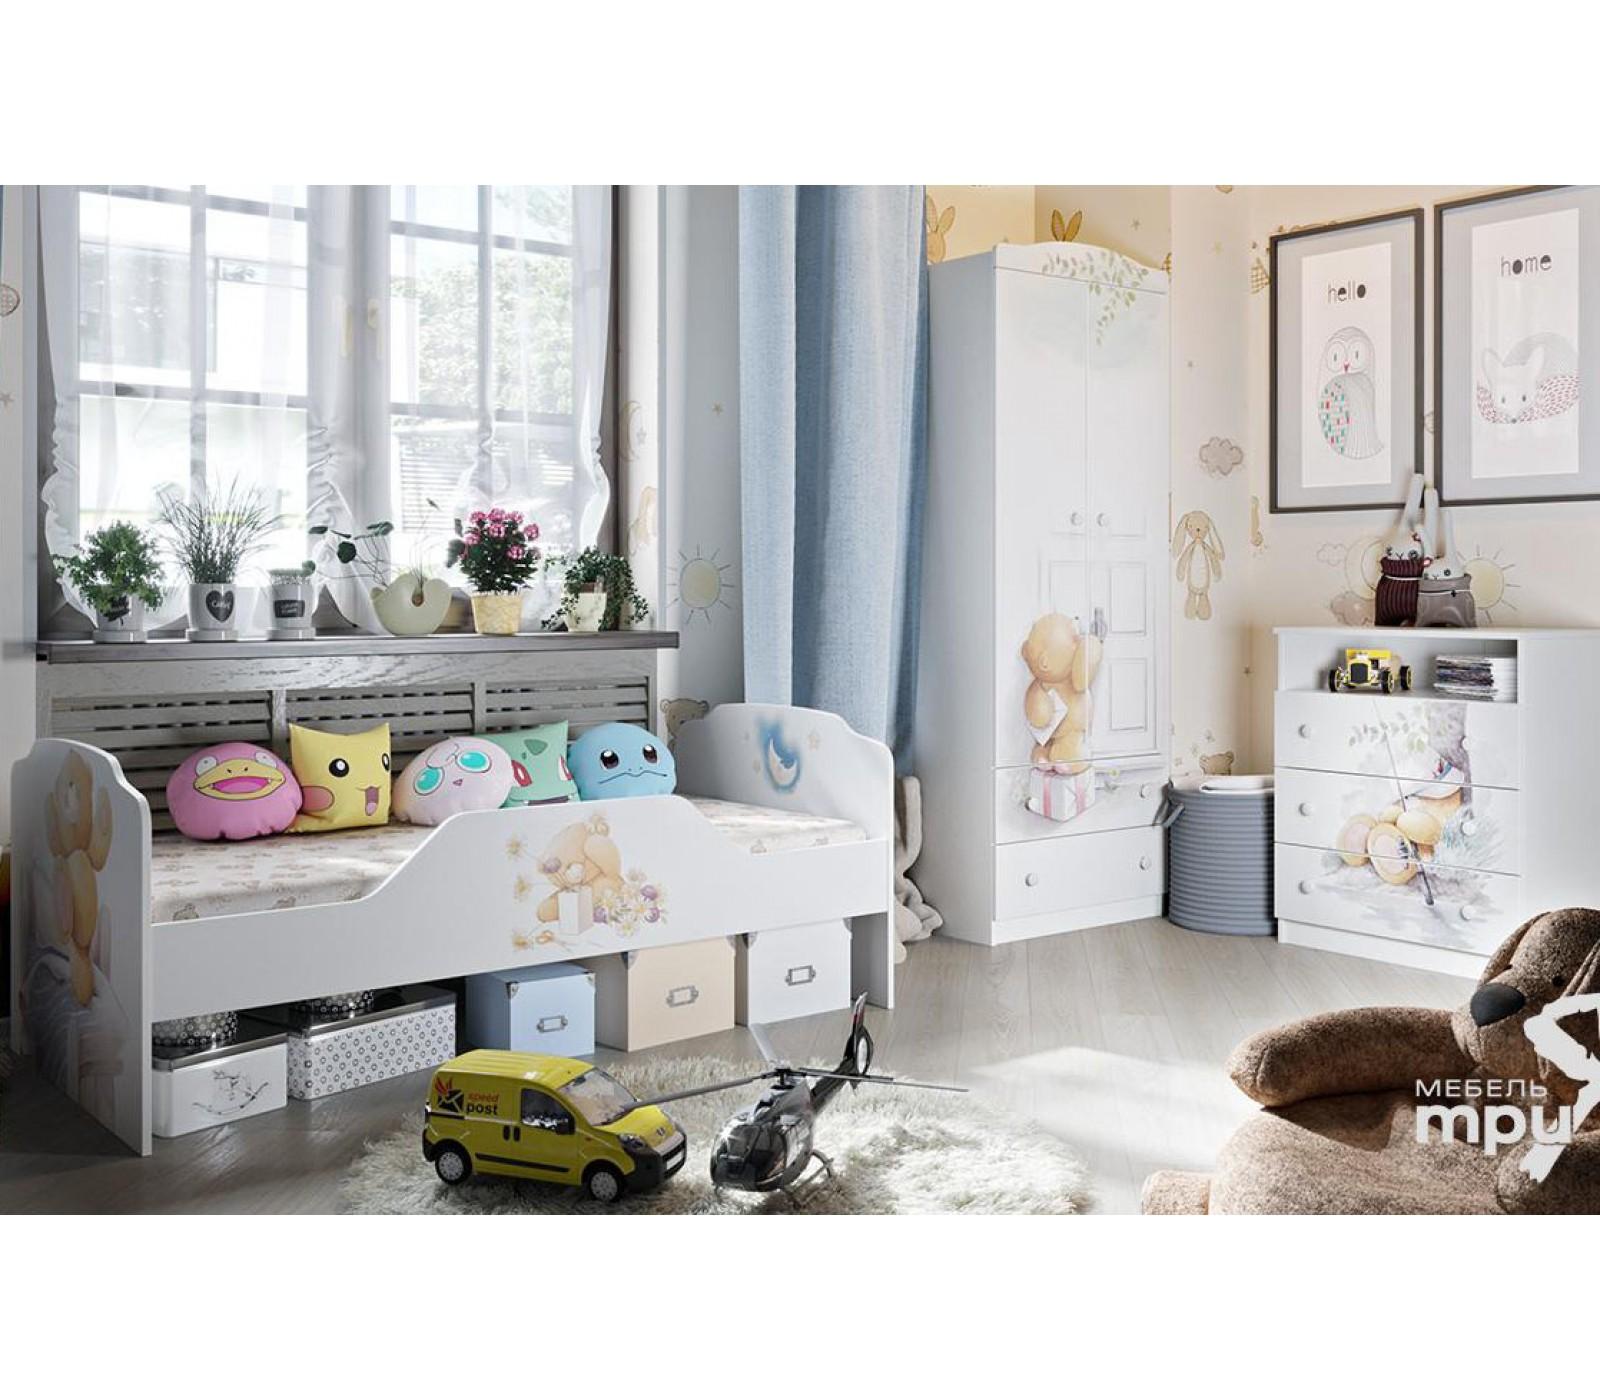 Детская мебель - все виды, новинки + много фото мебели для ...